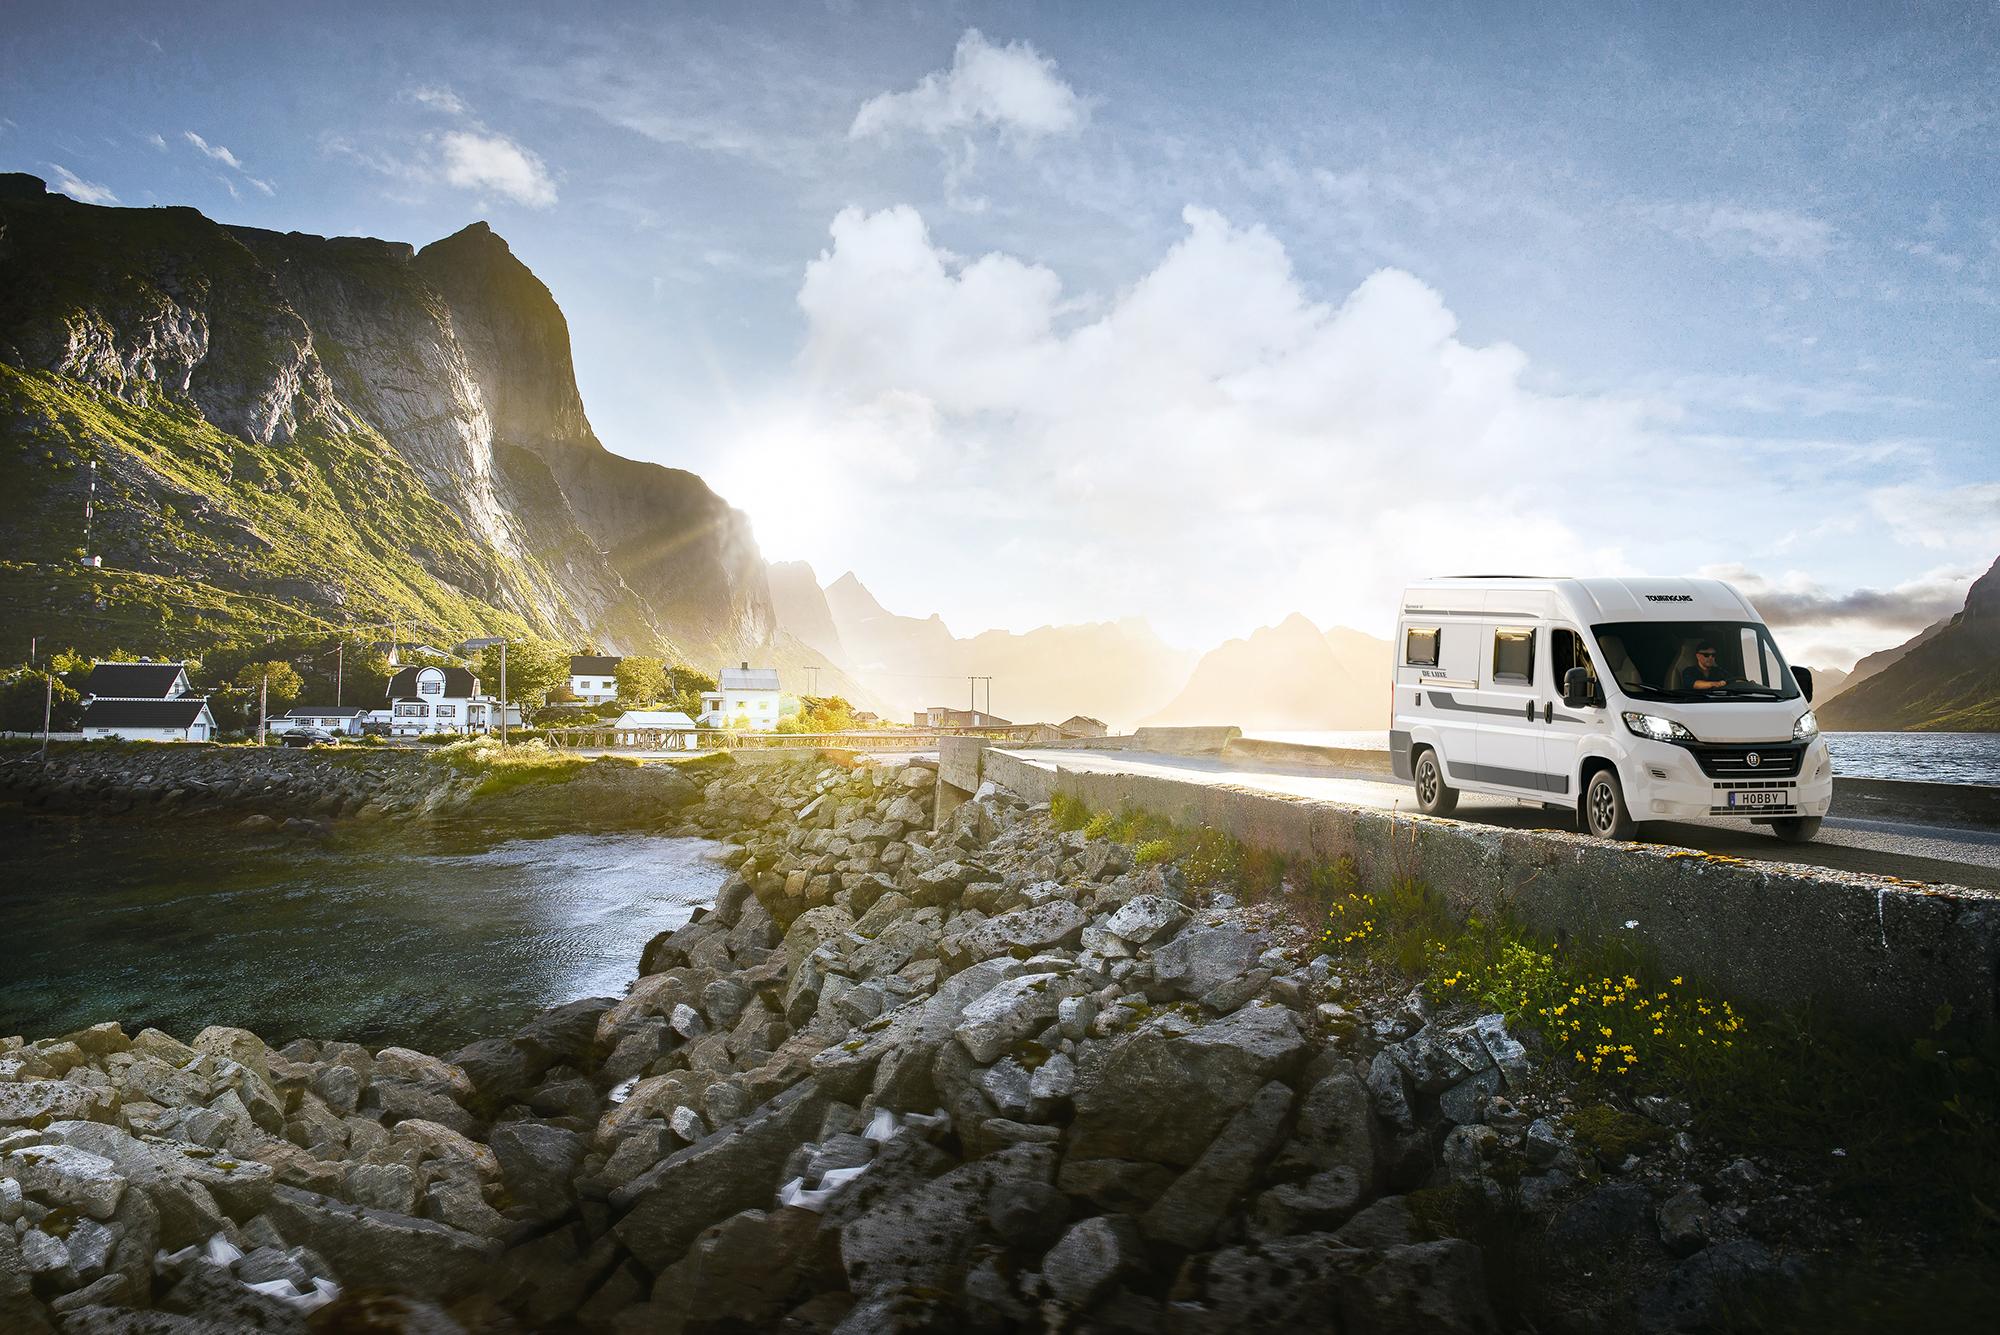 Autocamper (van) i det nordlige Norge